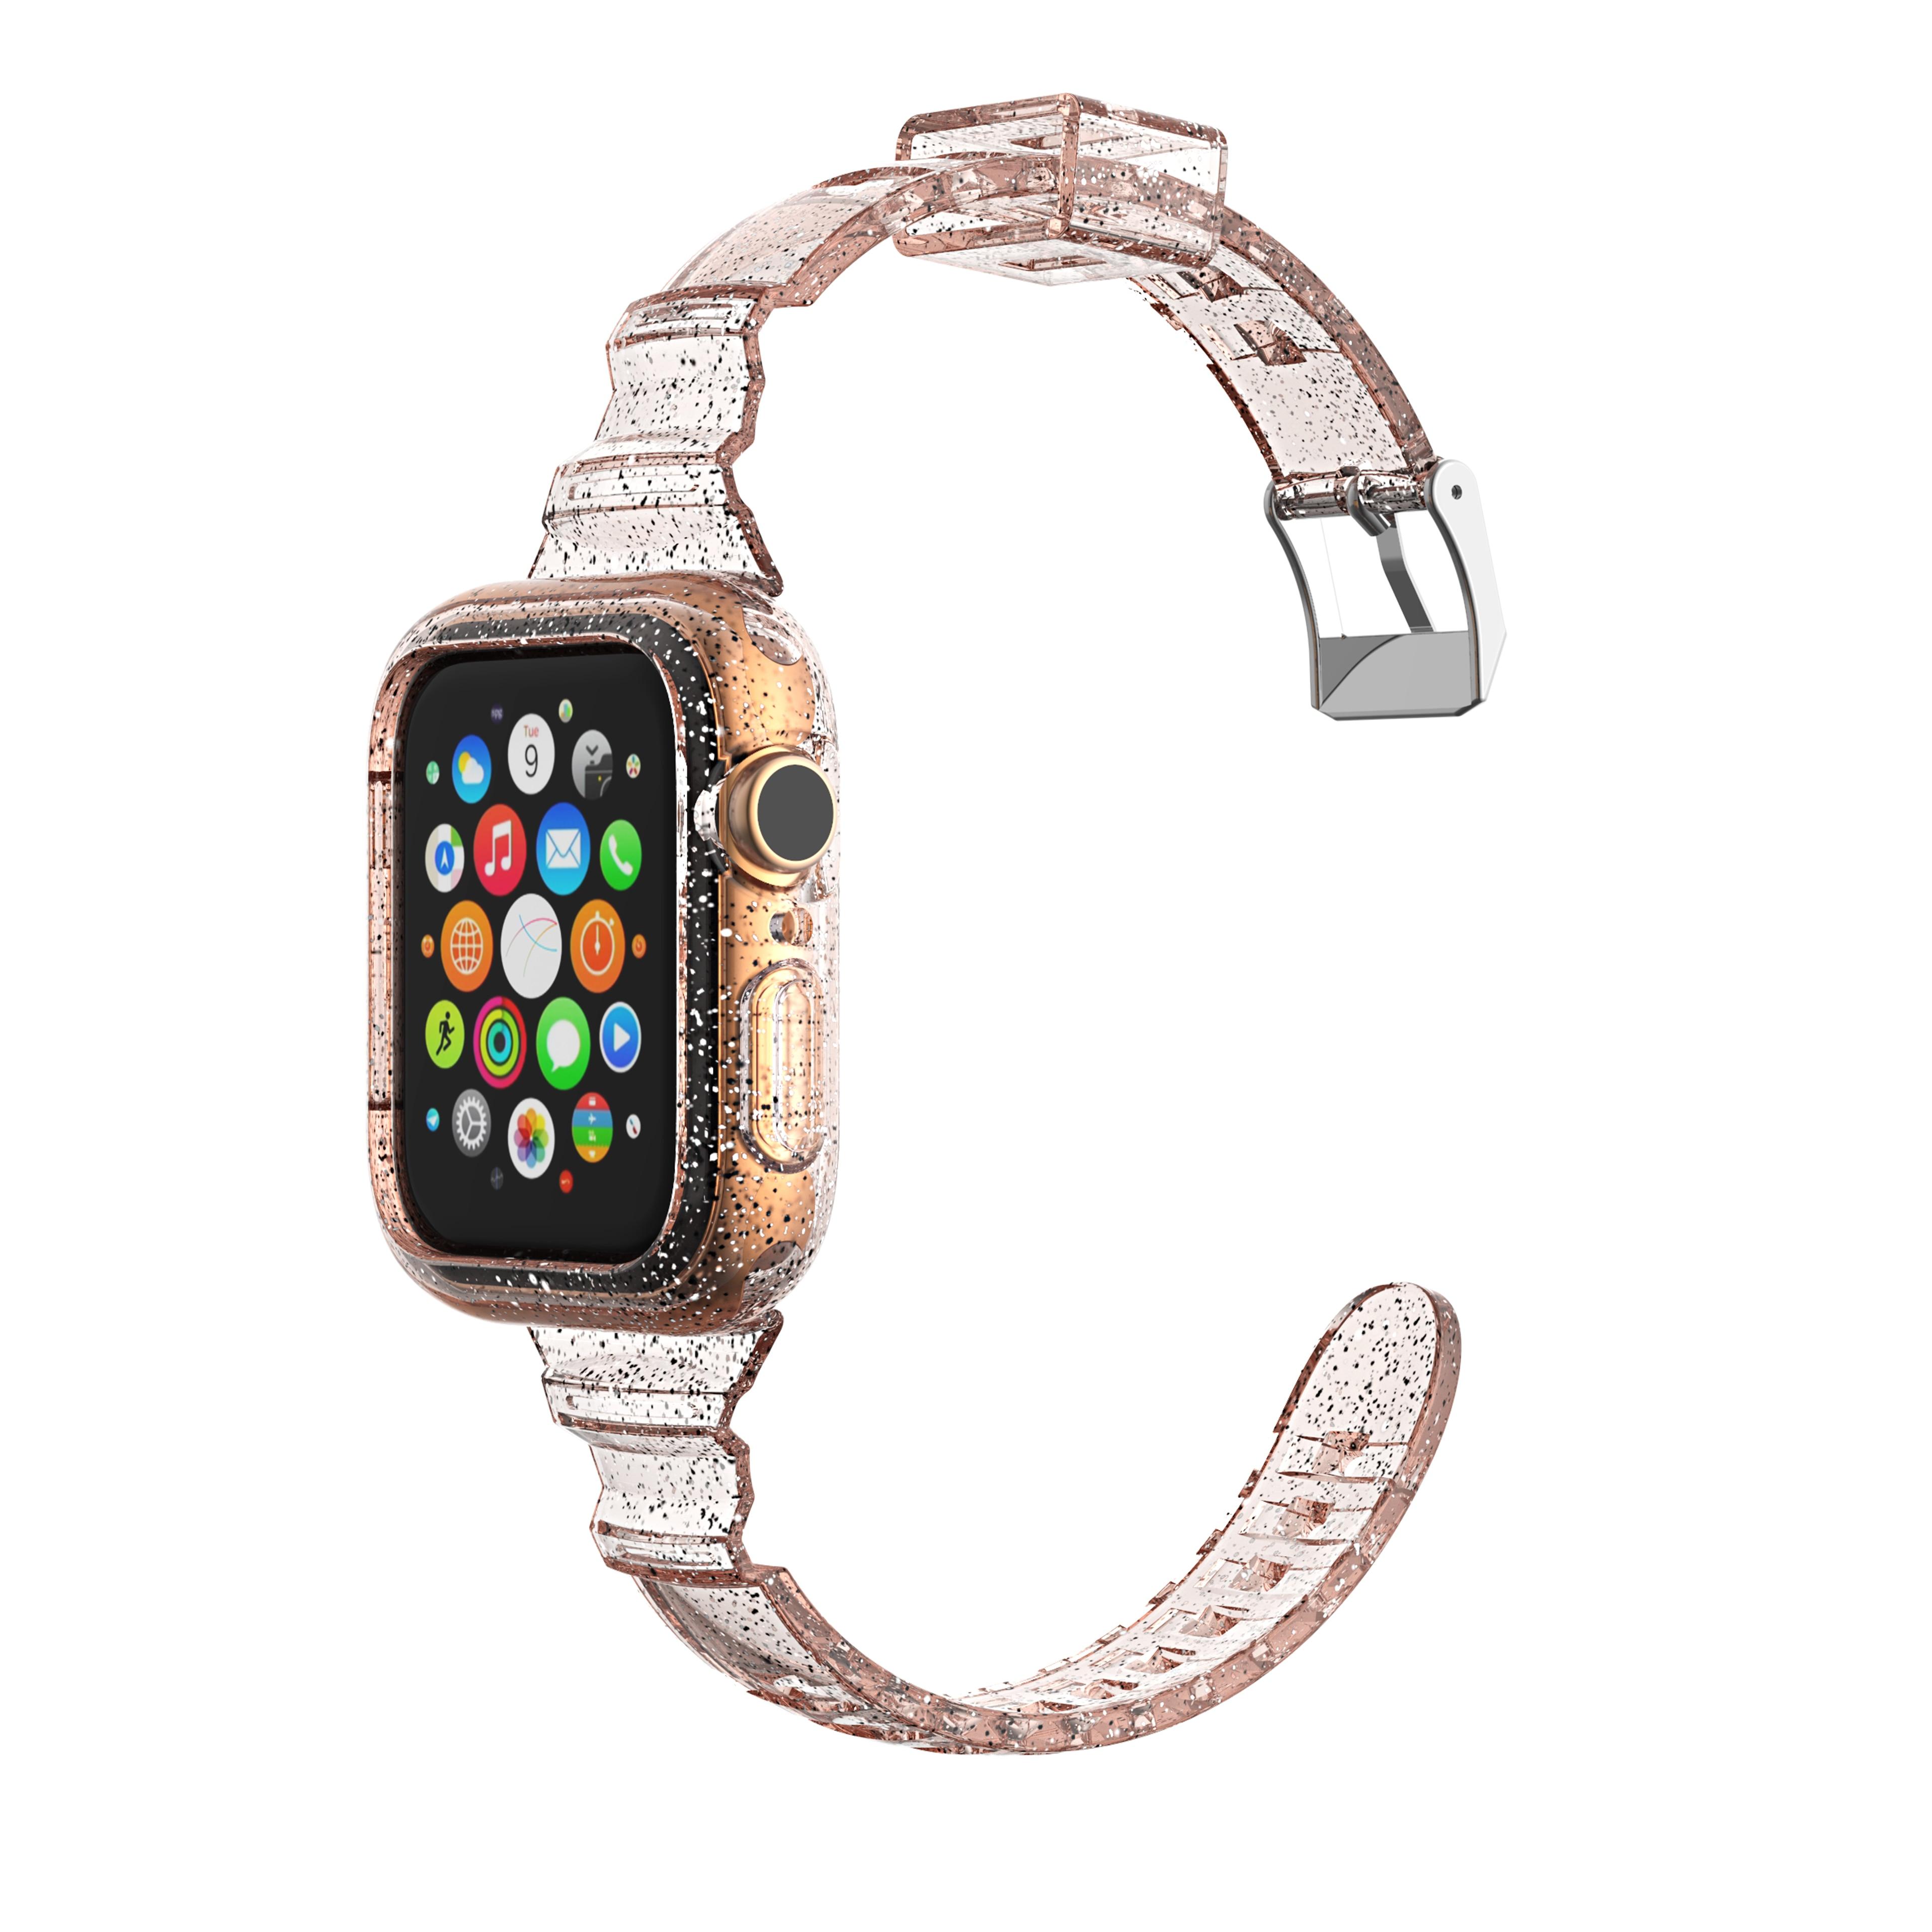 Купить блестящий прозрачный мягкий силиконовый ремешок для часов apple